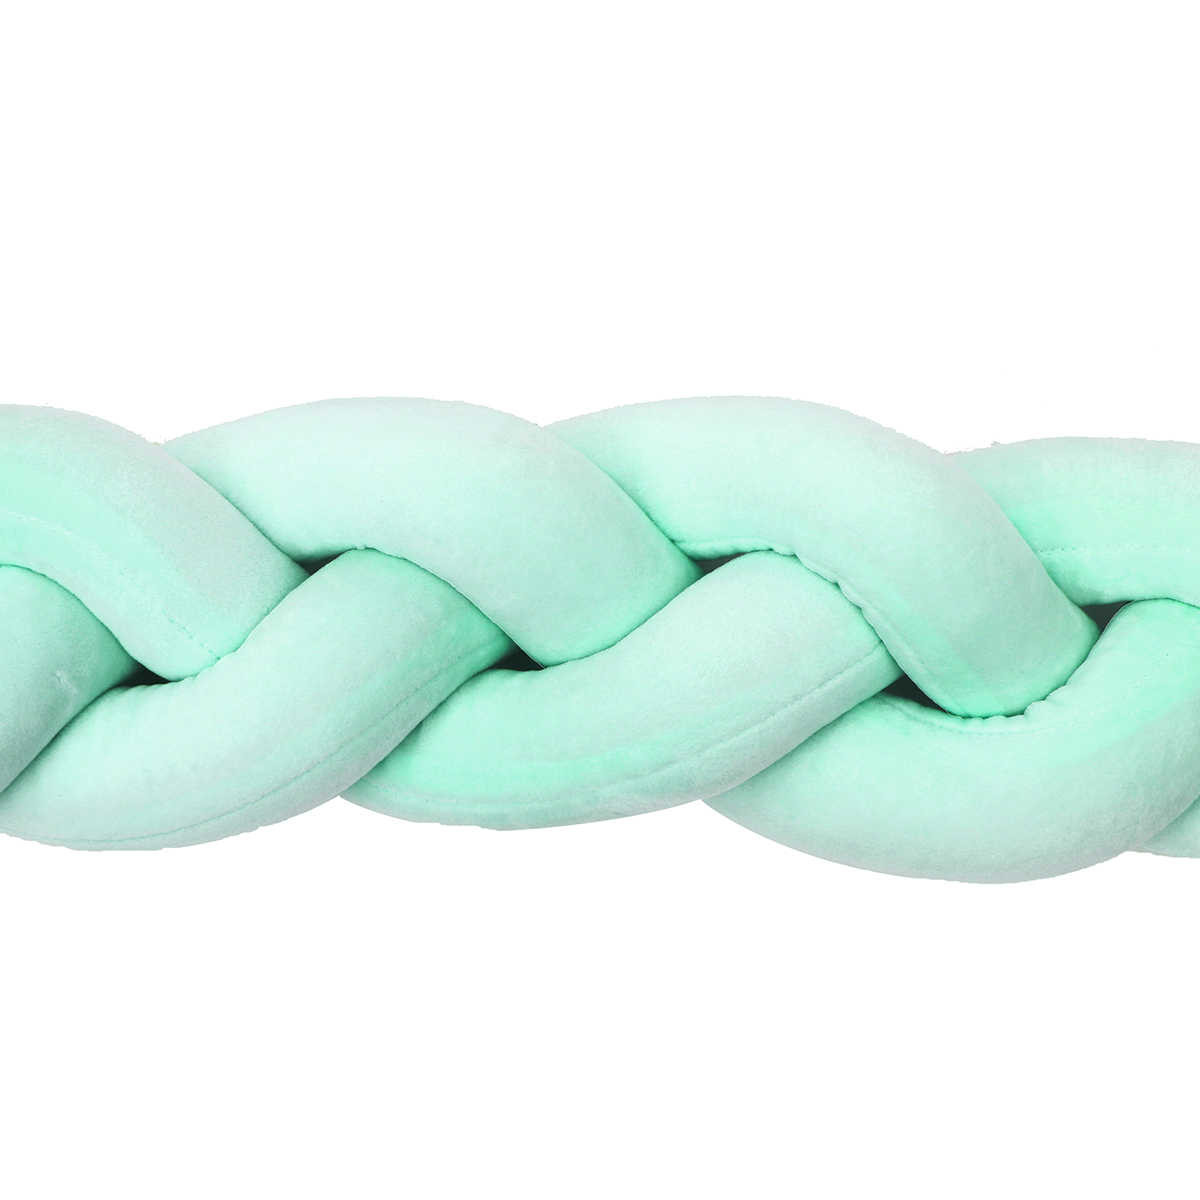 5 размеров вязаная длинная подушка в скандинавском стиле, мягкая тесьма, подушка для новорожденных, бампер, ткачество, плюшевая детская кровать, декоративная защита